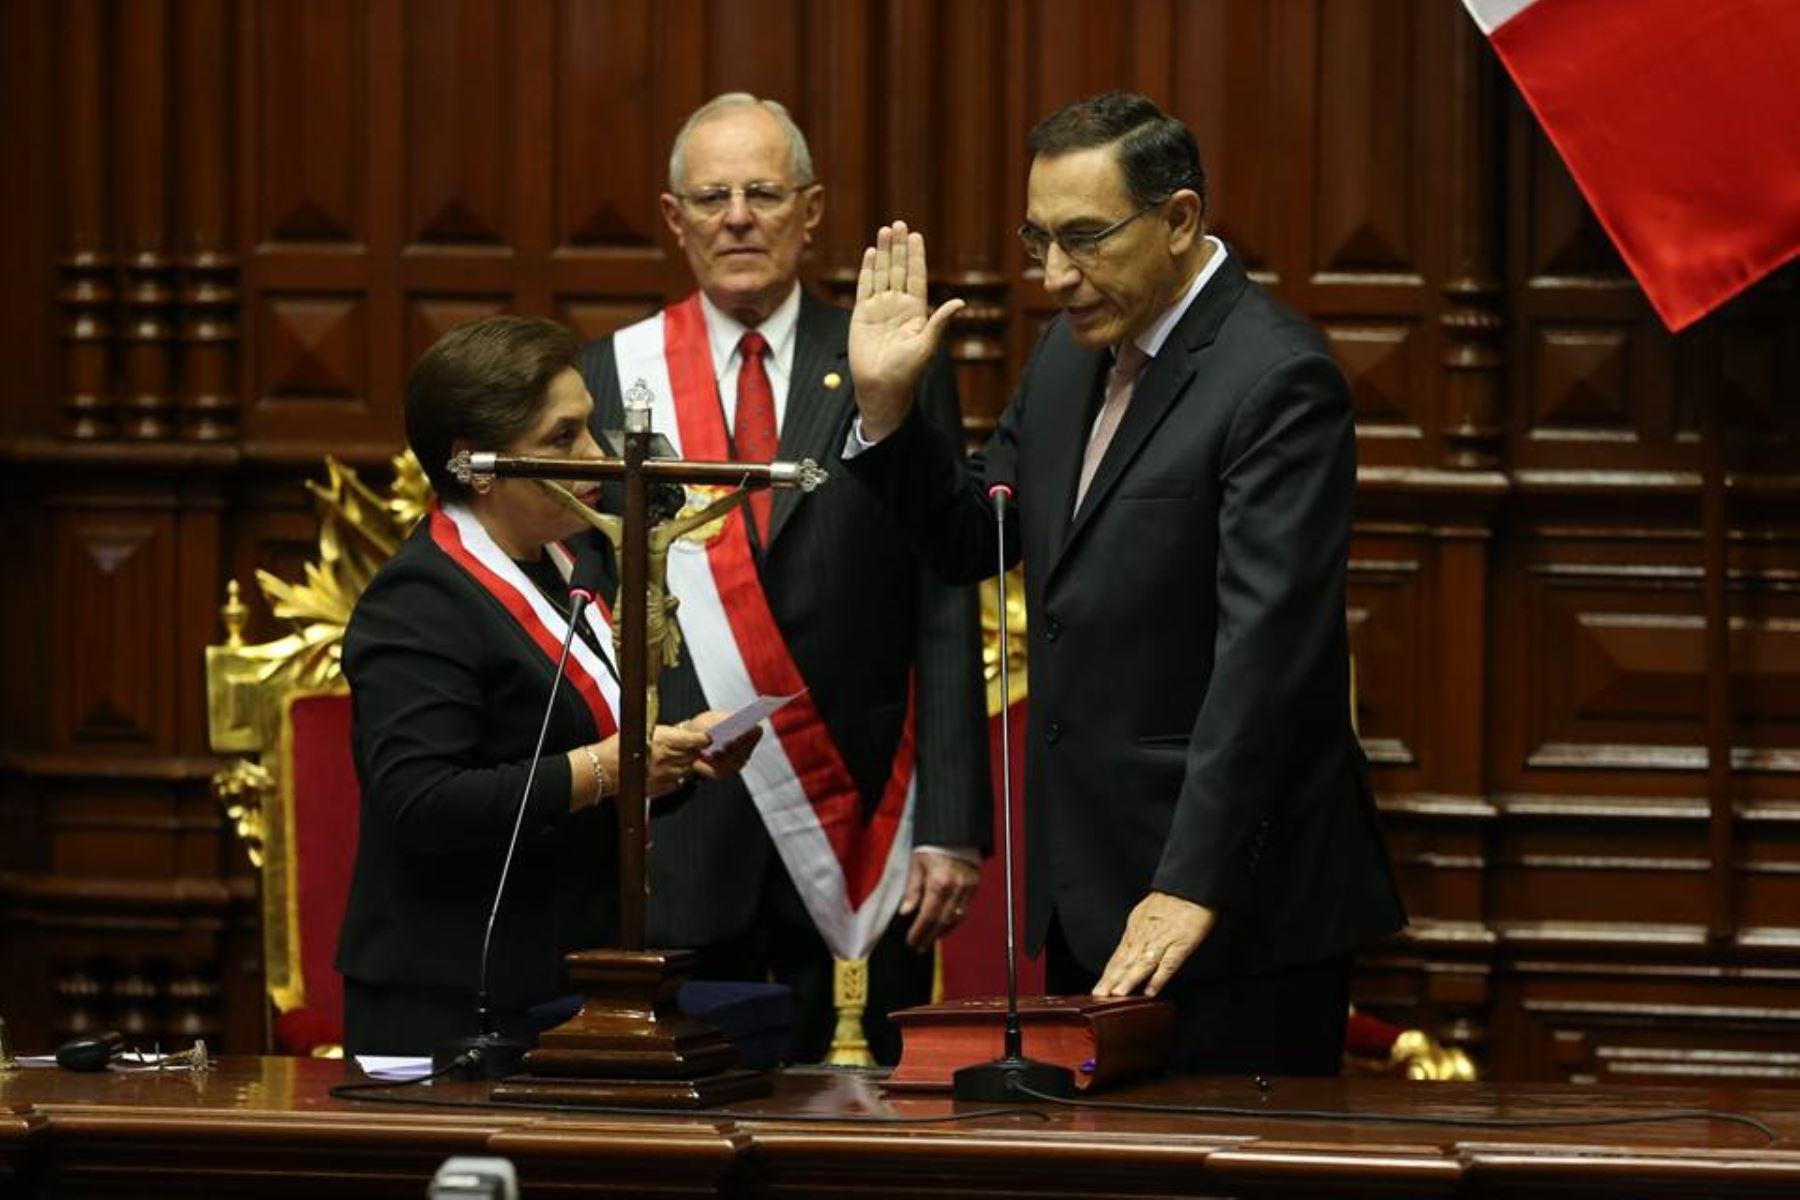 Presidenta del Congreso Luz Salgado Juramenta al vicepresidente Martin Vizcarra en el Congreso de la República:ANDINA/archivo